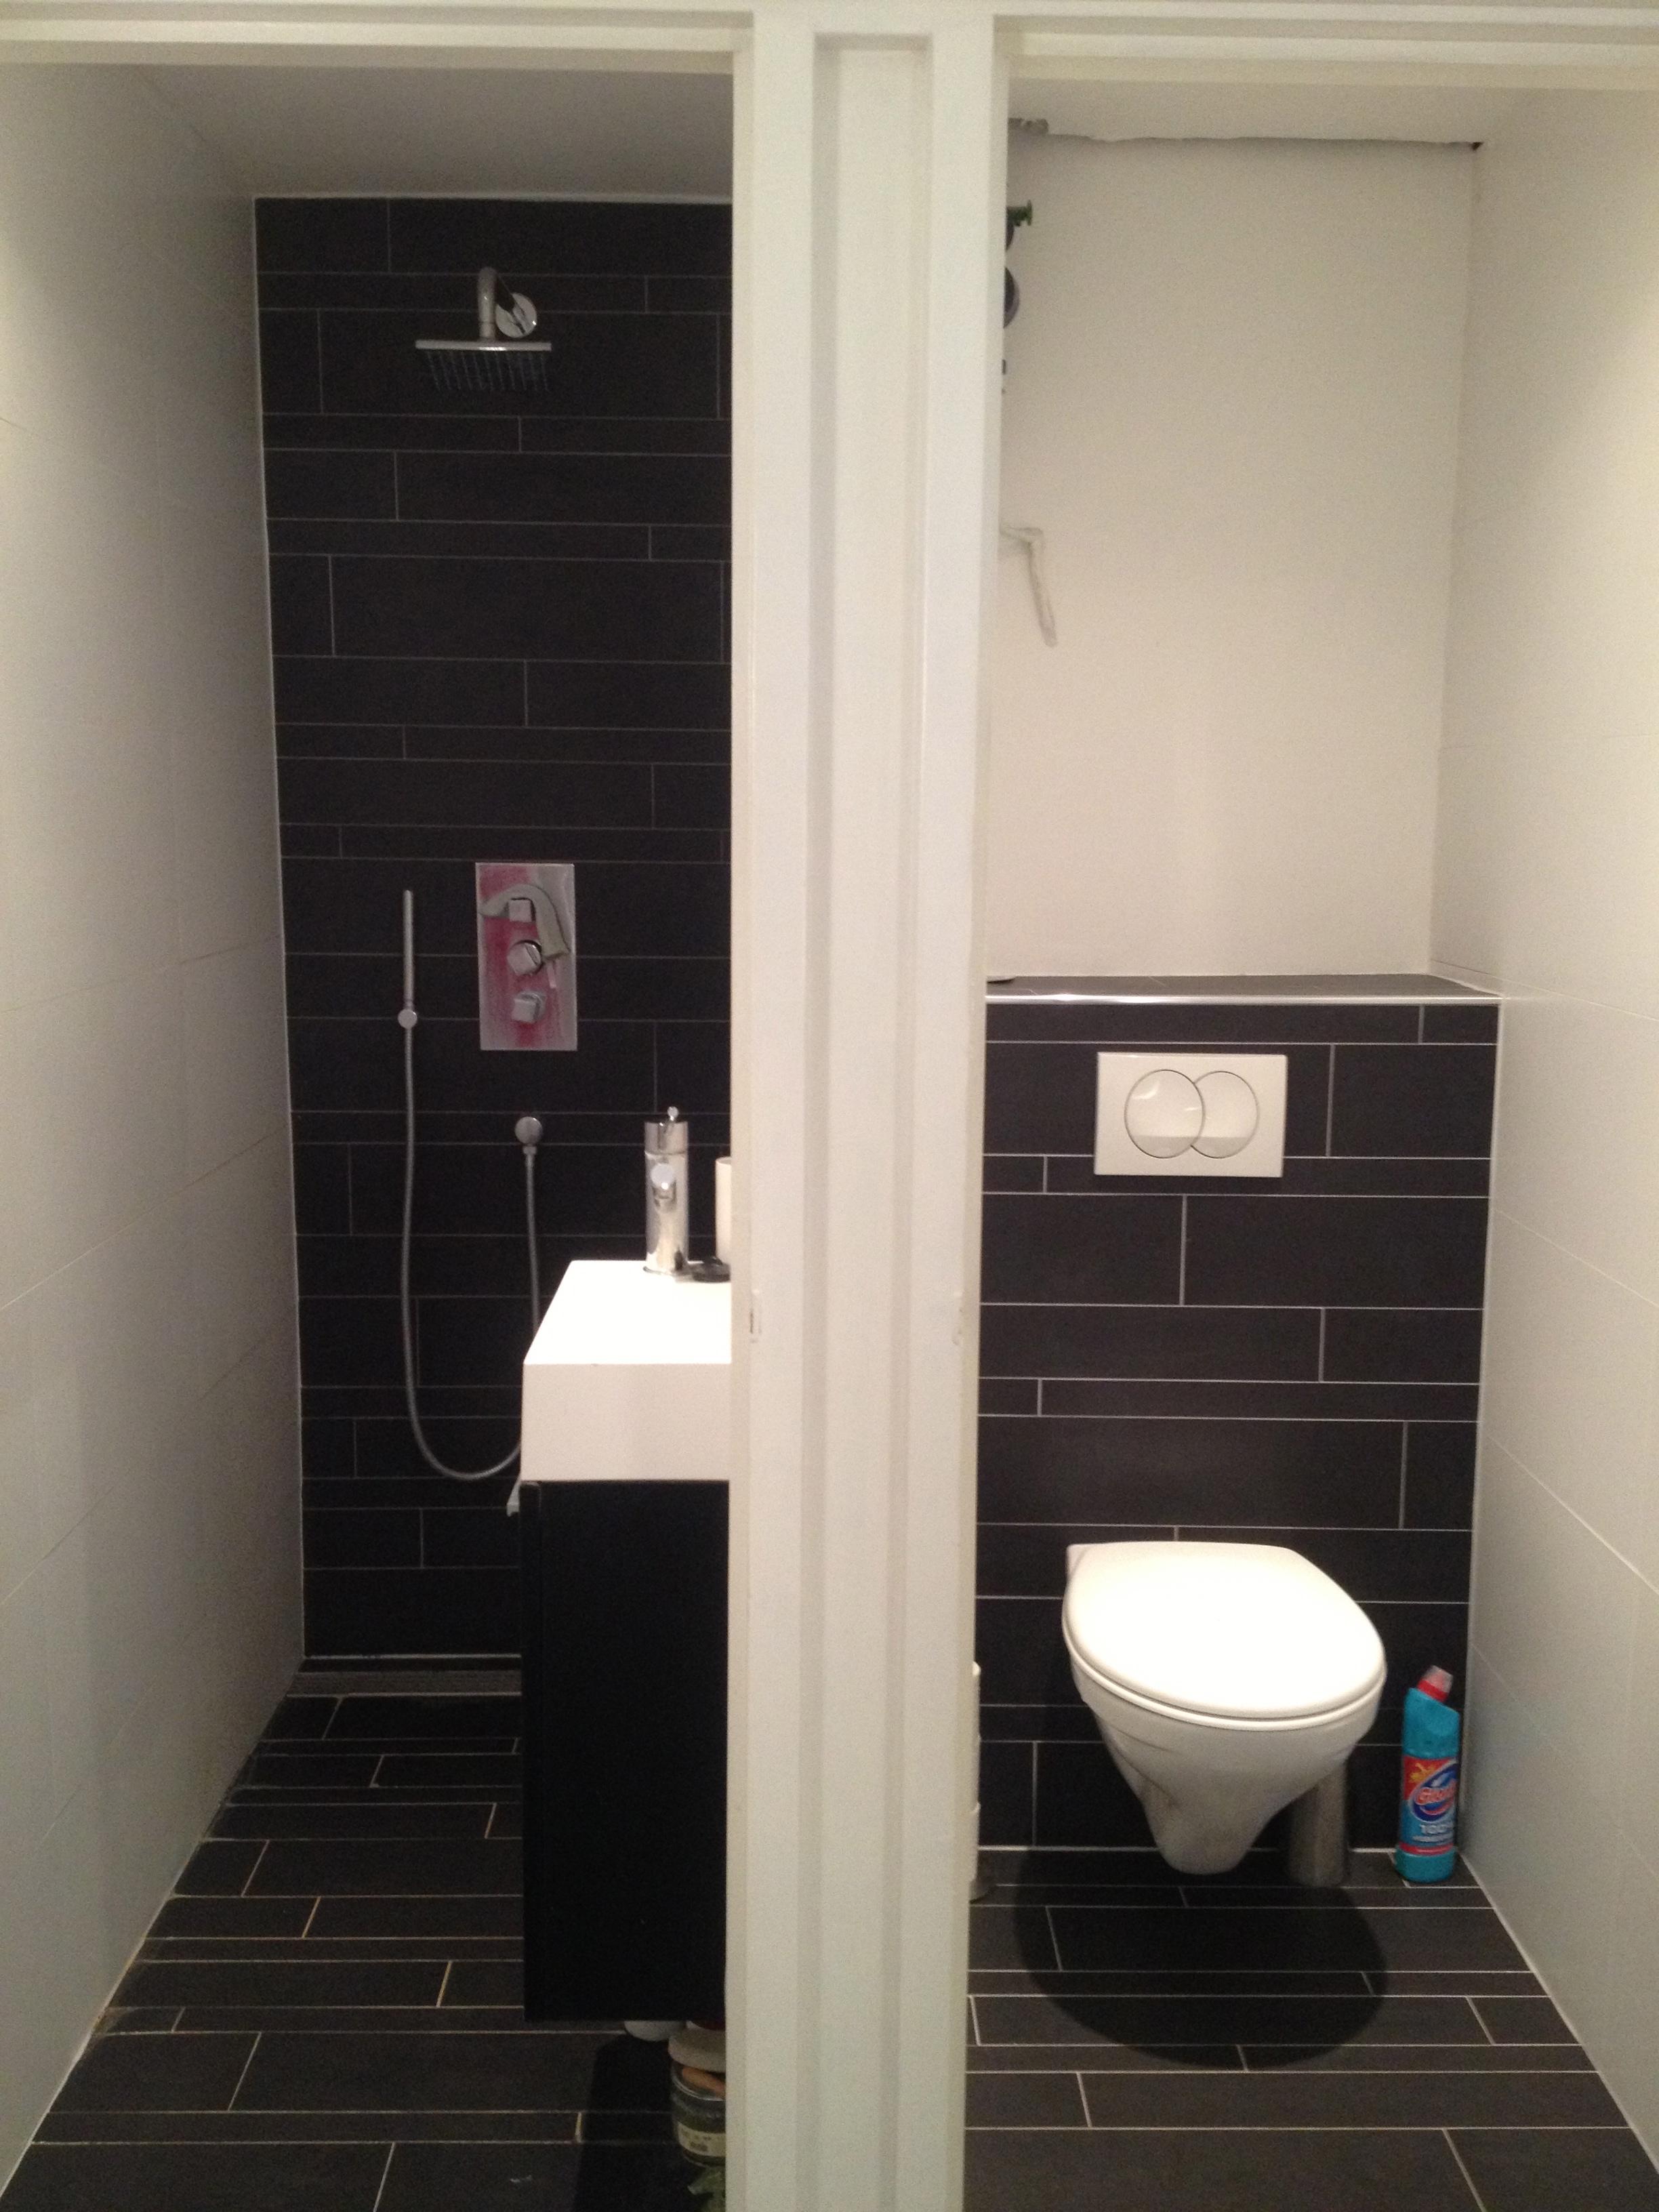 04 douche toilet renovatie pannekoekstraat 78 rotterdam joh visser zoon - Renovatie wc ...